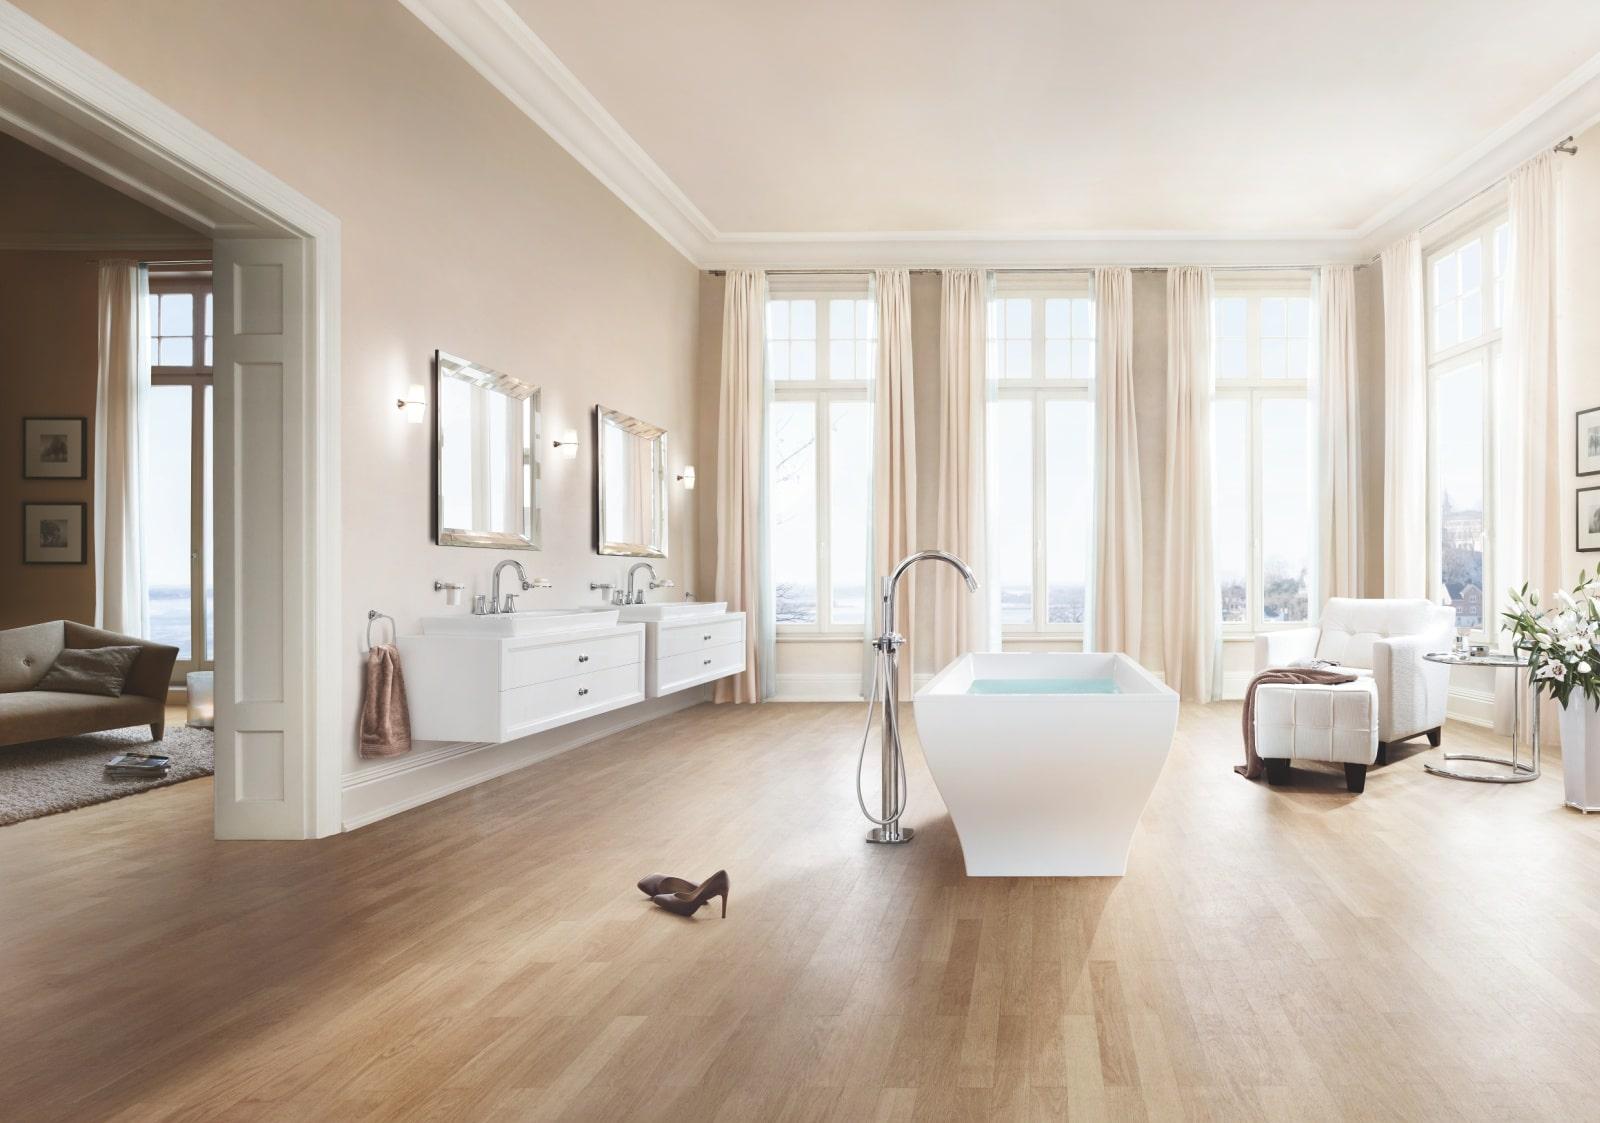 Łazienka z eleganckim wyposażeniem